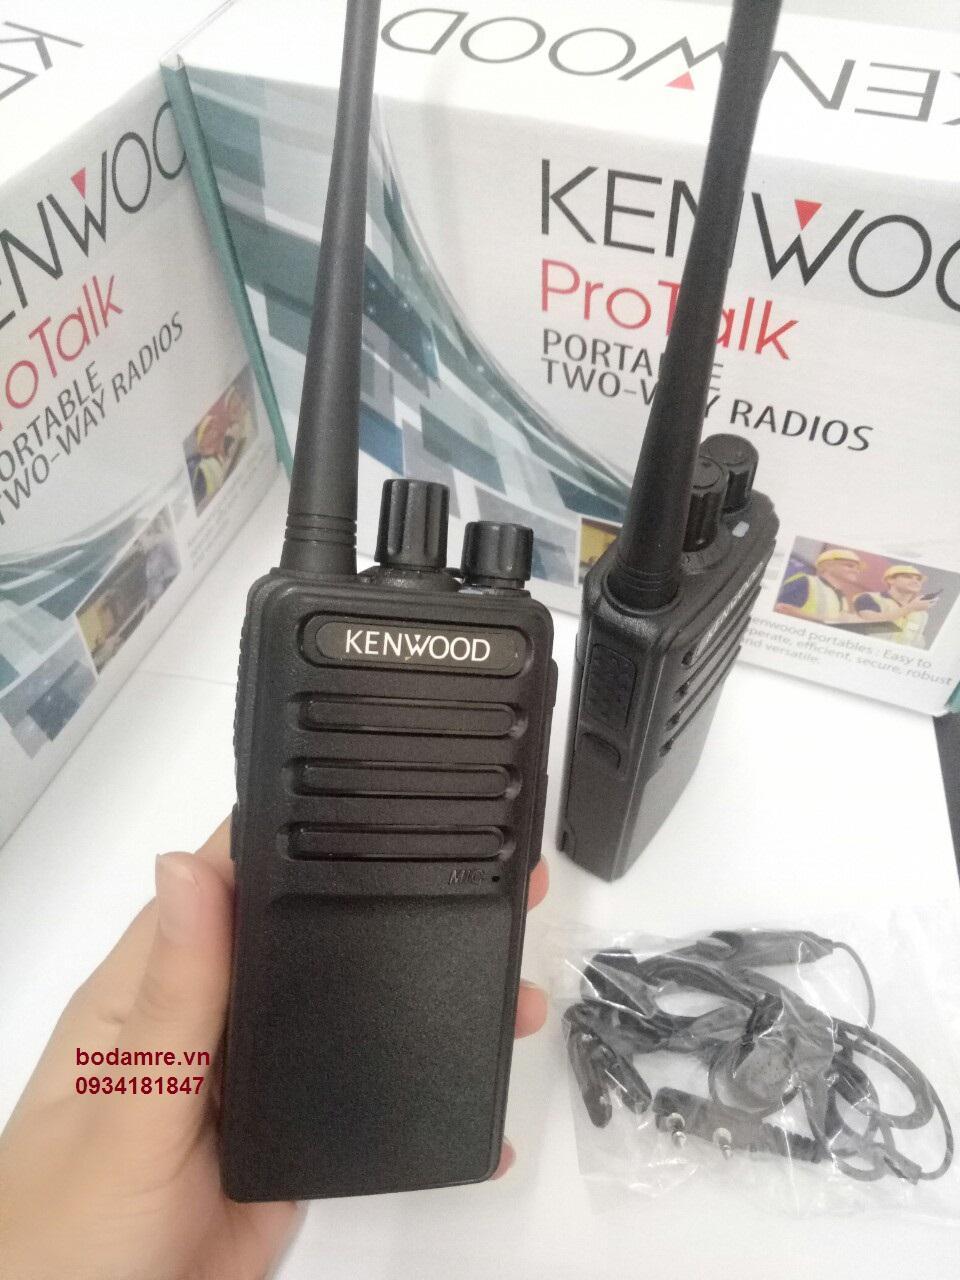 Hình ảnh Bộ 4 máy bộ đàm kenwood TK3520 tặng tai nghe